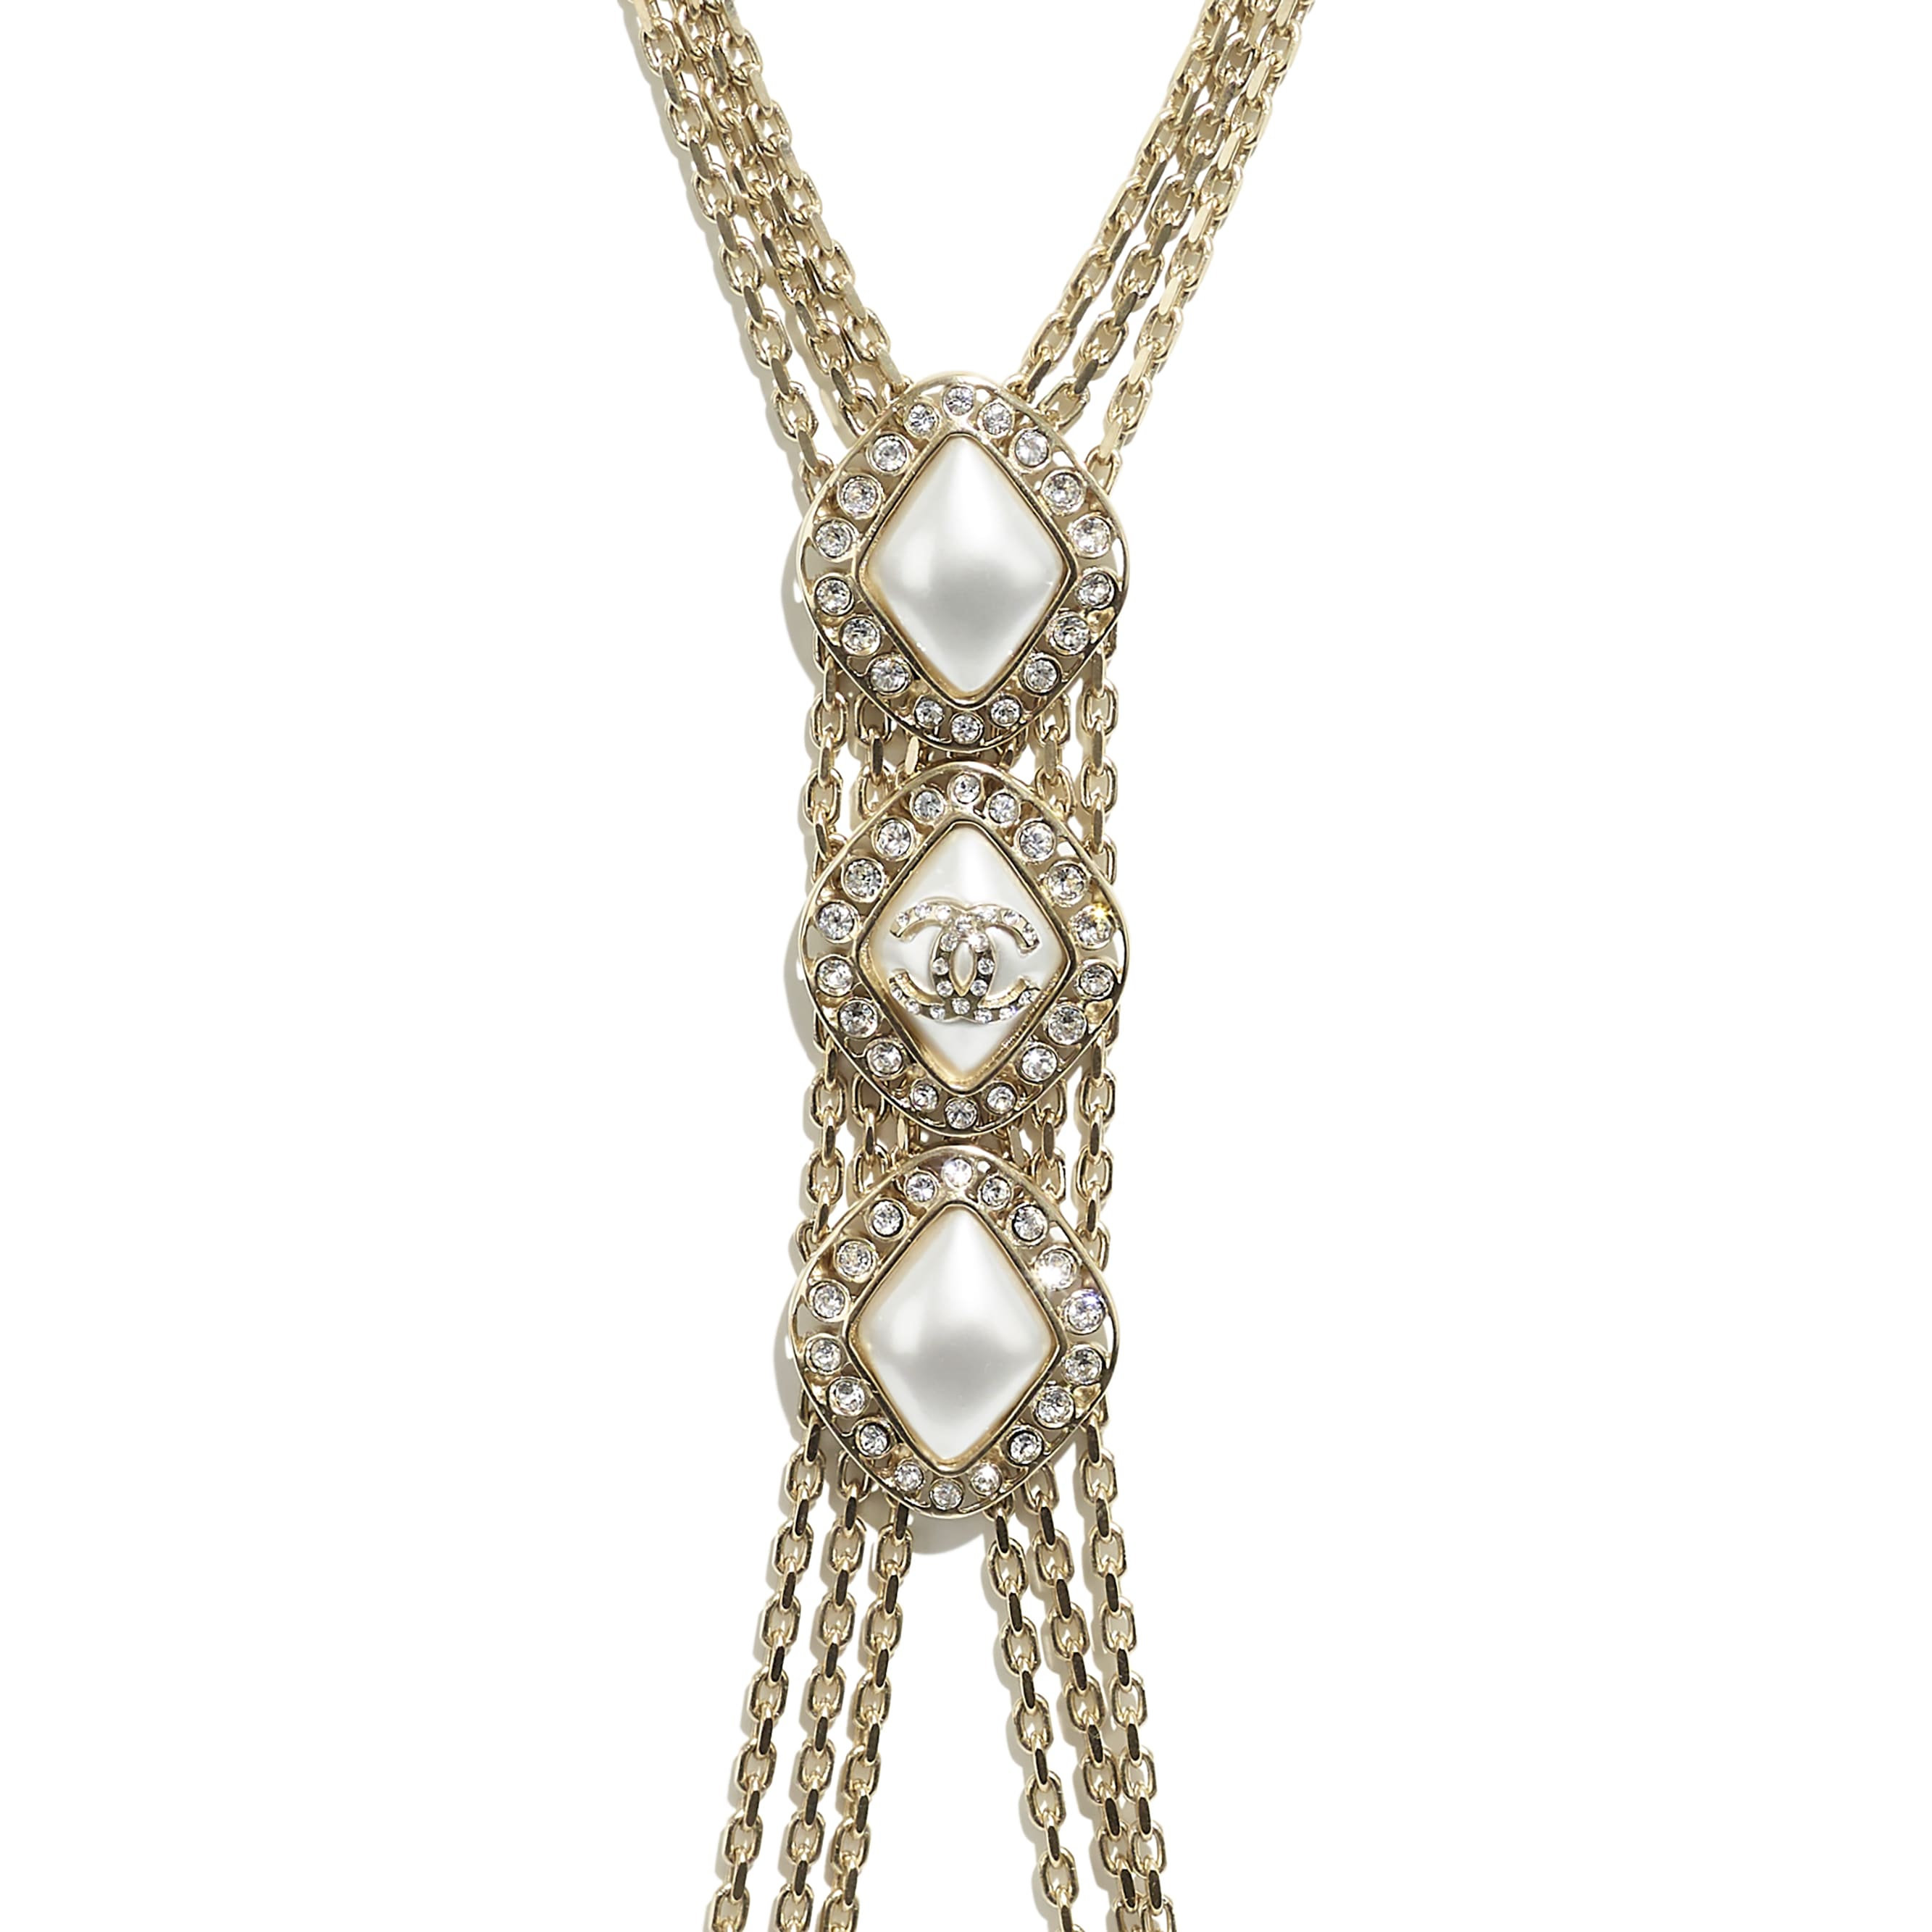 Harness - Dourado, Branco Perolado & Cristal - Metal, Strass & Resina - CHANEL - Outra vista - ver a versão em tamanho standard